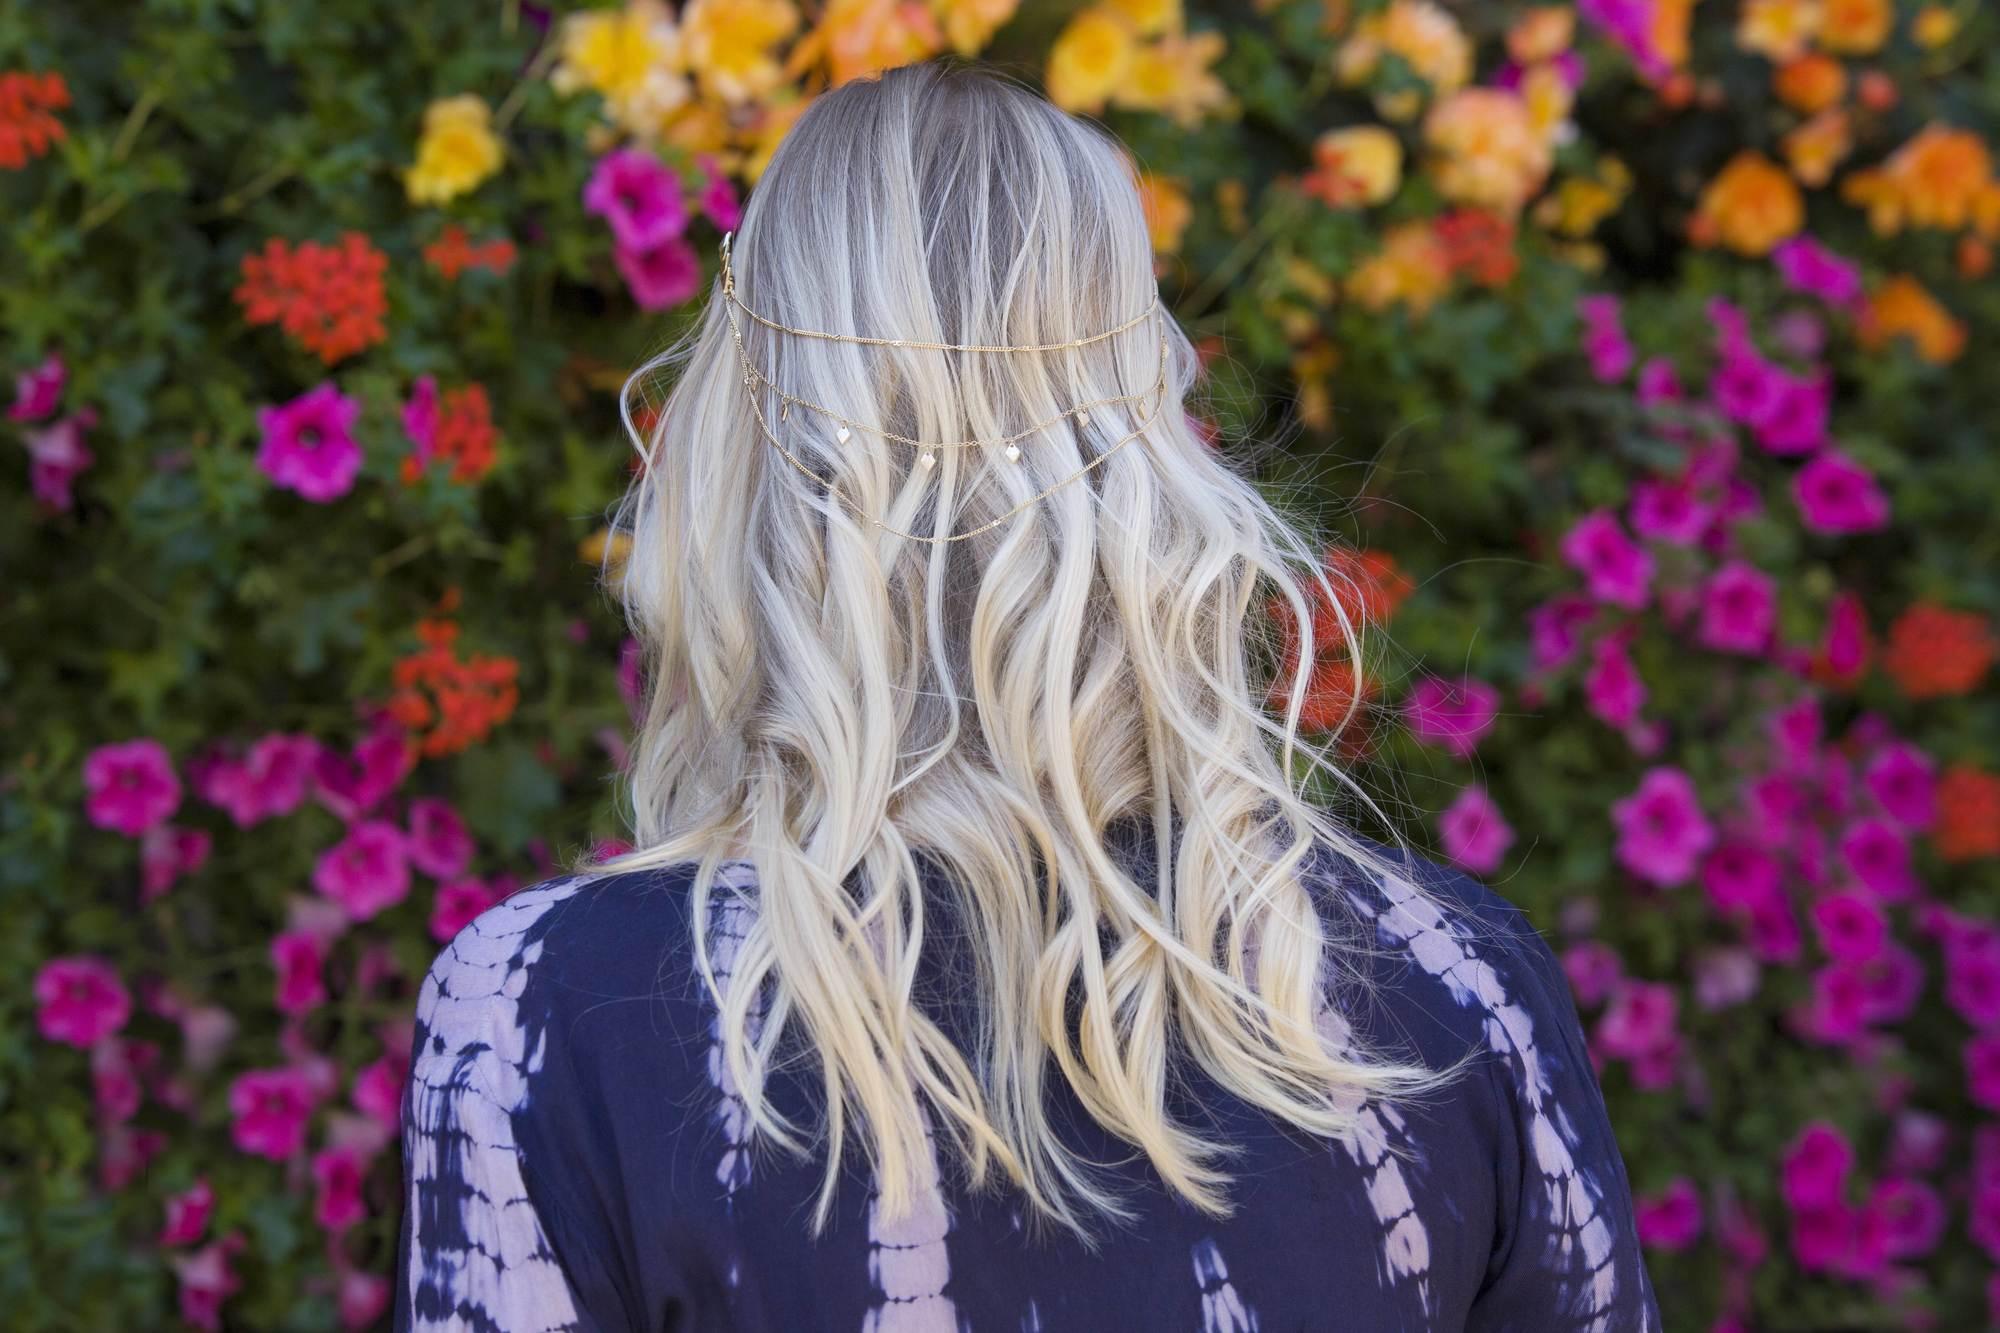 blond cendré : arrière de la tête d'une femme aux cheveux blonds ondulés et méchés, avec un accessoire pour cheveux de fête